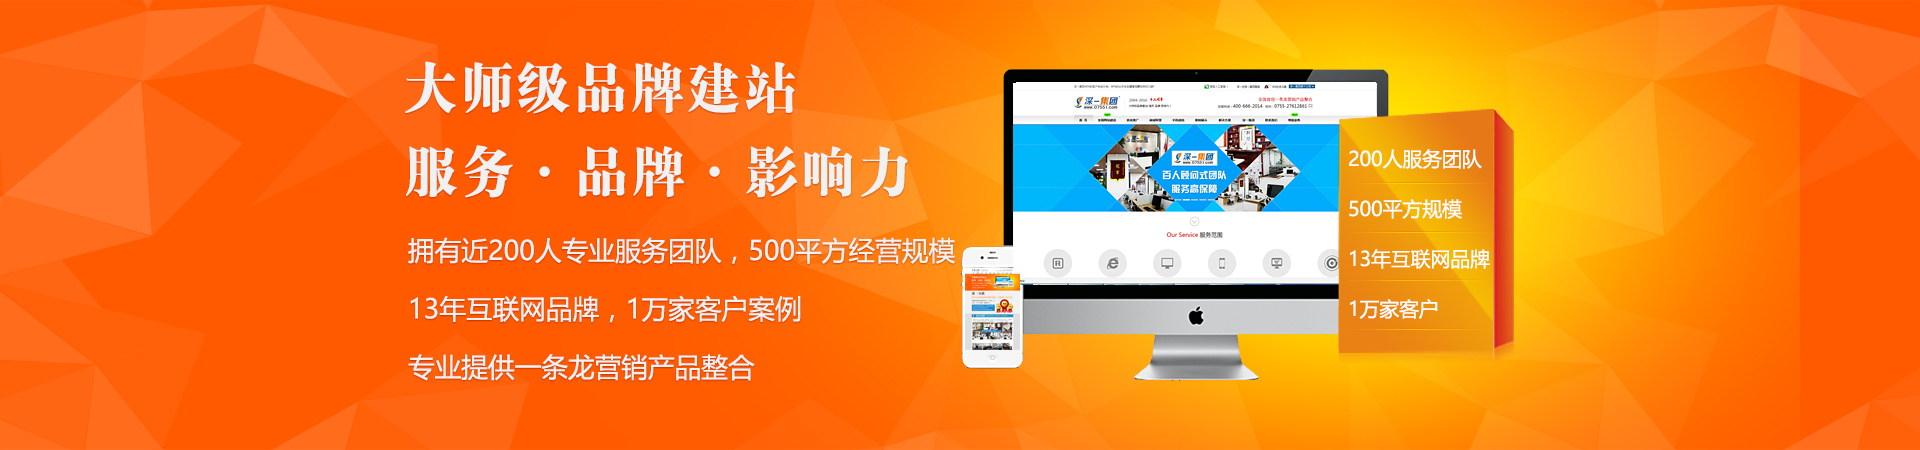 阜阳网站优化